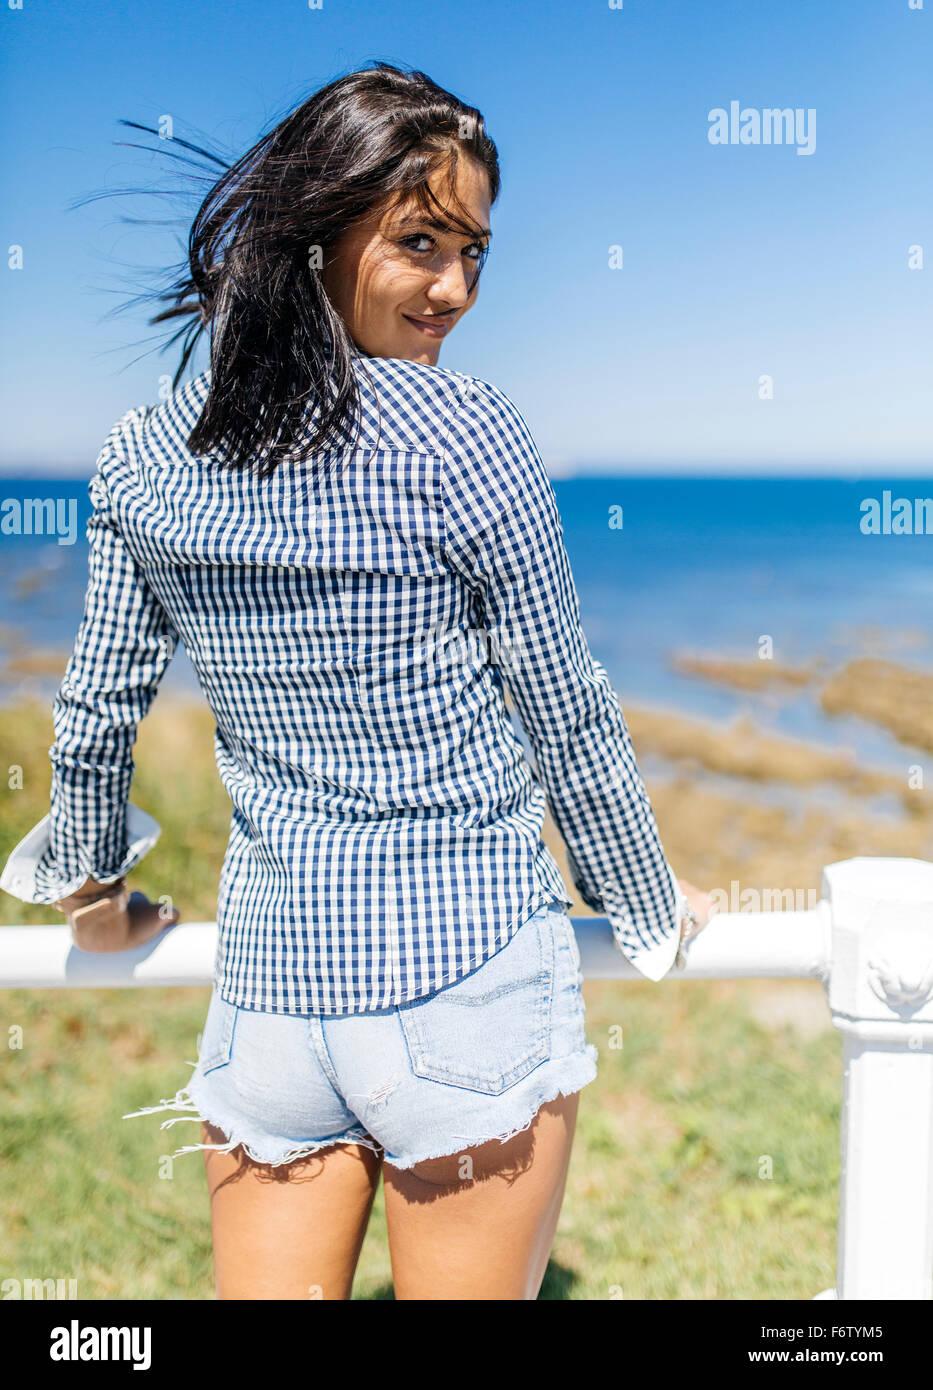 L'Espagne, Gijon, belle adolescente à la côte Photo Stock